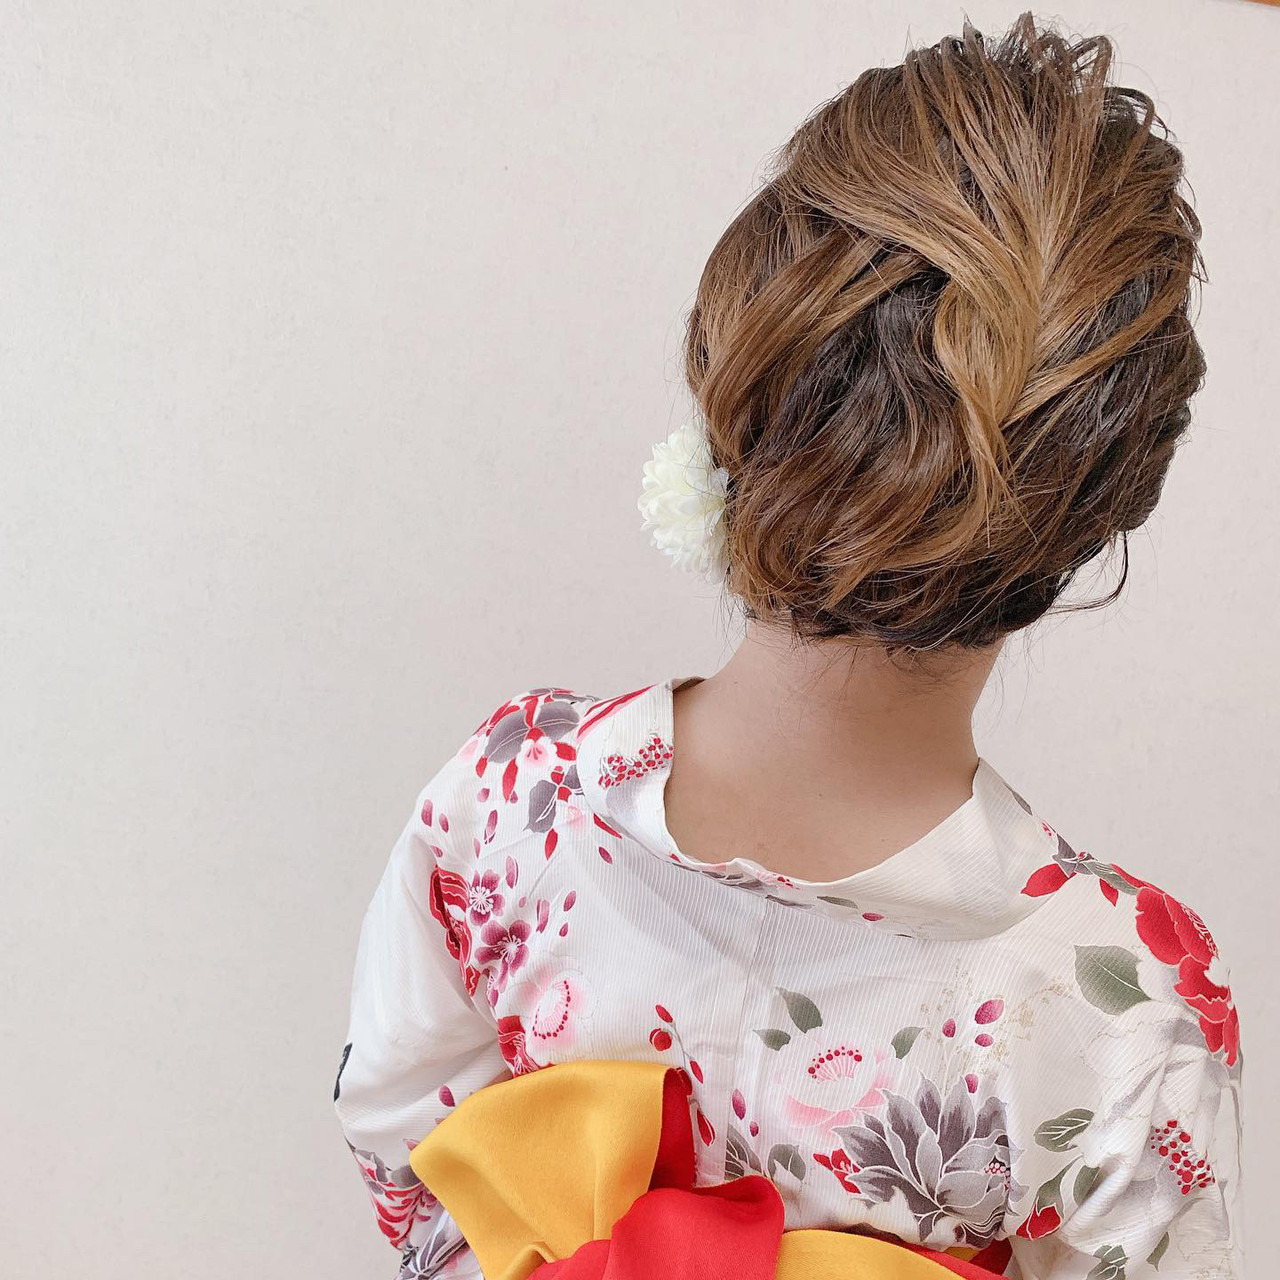 アップスタイル 浴衣ヘア エレガント ヘアアレンジ ヘアスタイルや髪型の写真・画像